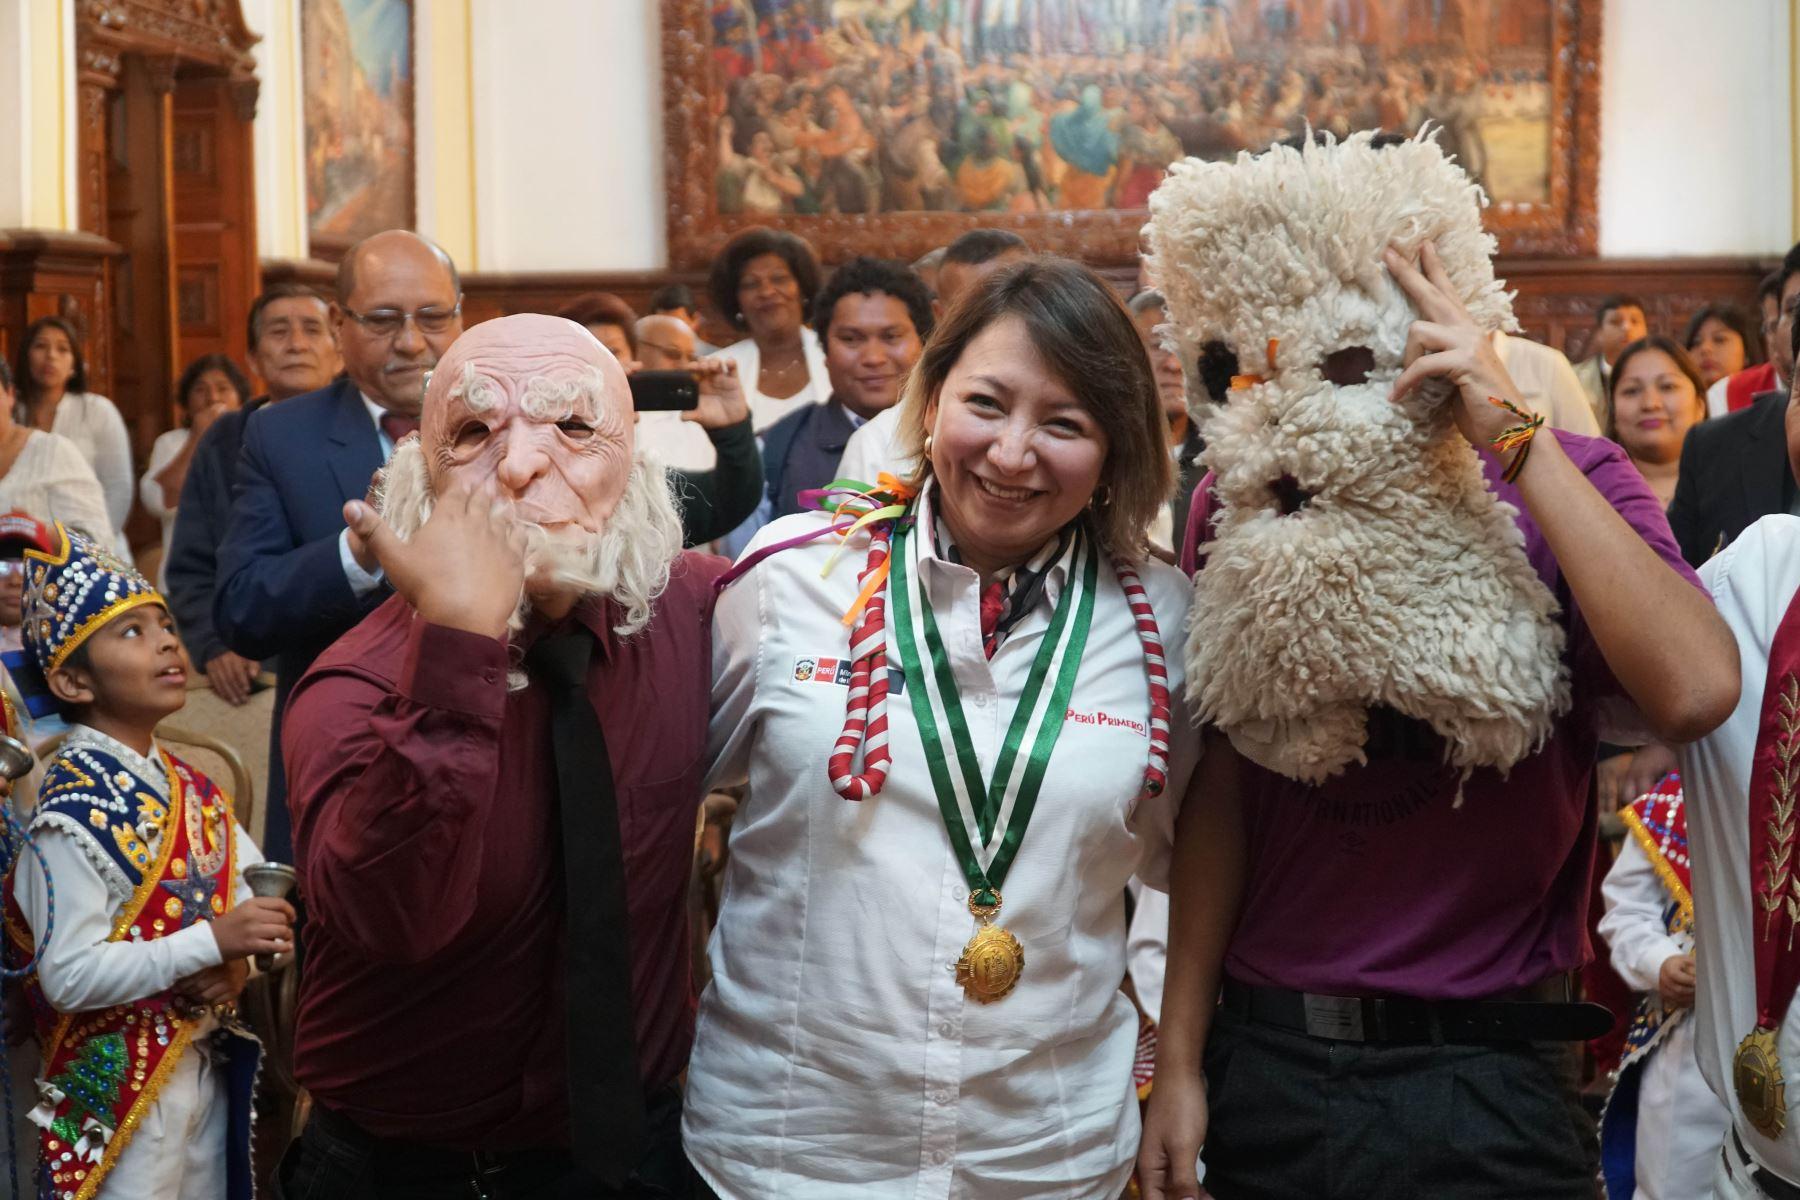 Ministra de la Producción, Rocío Barrios junto a los infaltables abuelos que representa la parte graciosa y jocosa del baile de los negritos.Foto: ANDINA/Cortesía Genry Bautista